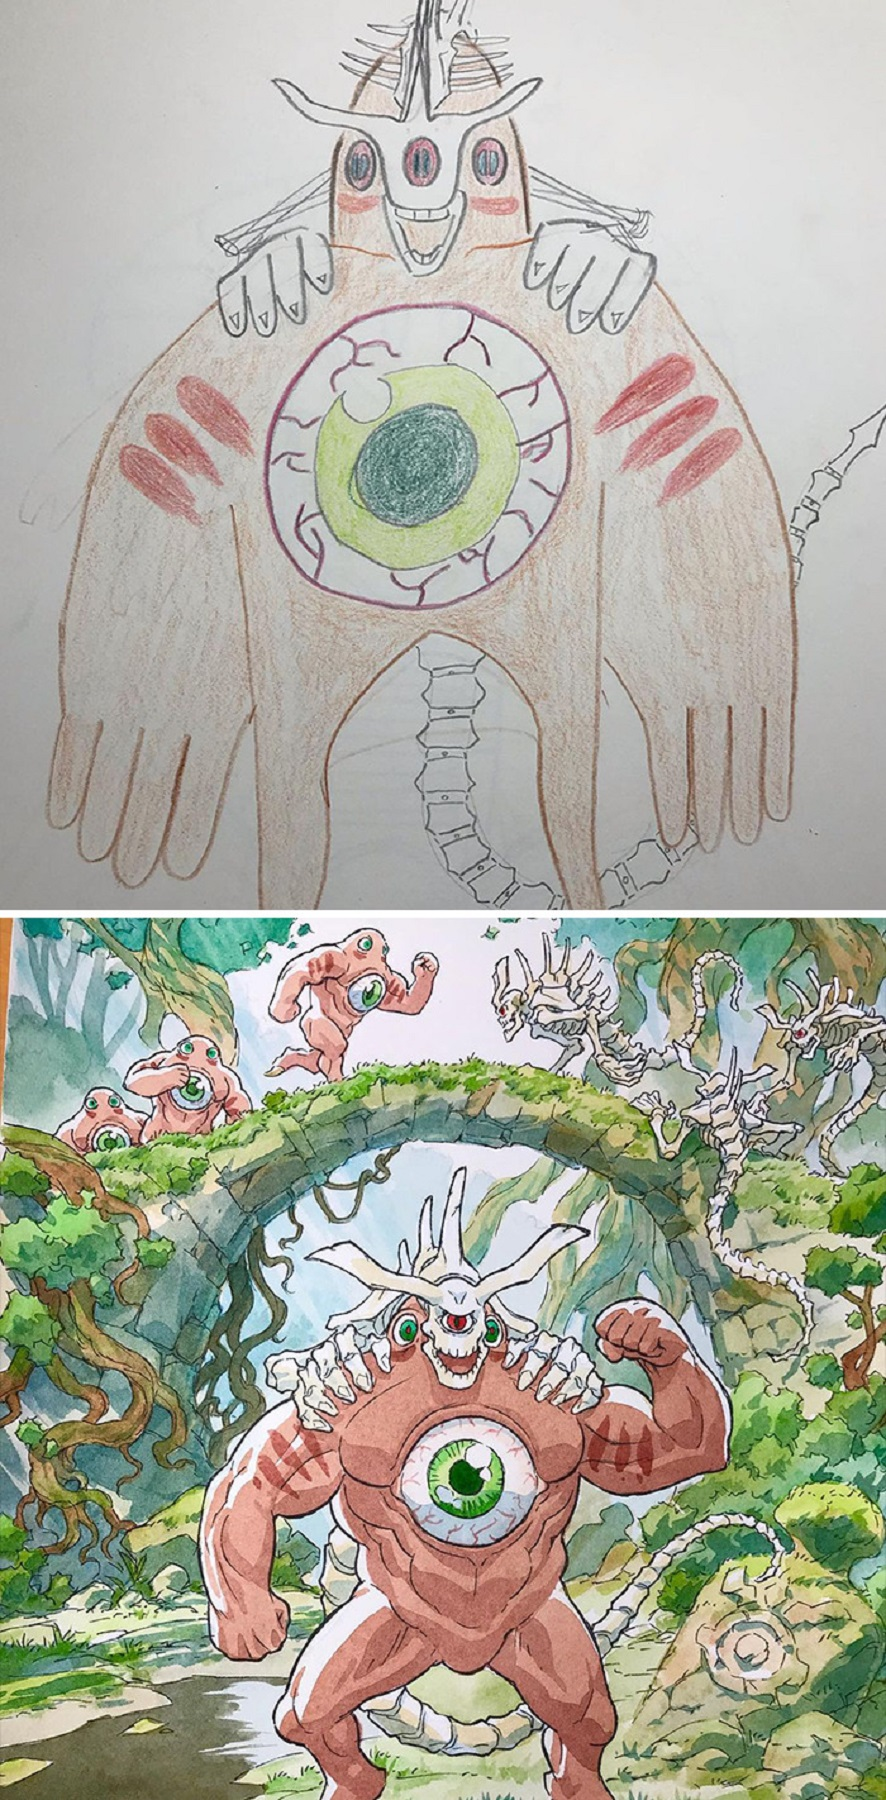 Thomas Romain artista frances transforma rabiscos em personagens de anime para incentivar lado artistico de seus filhos 5